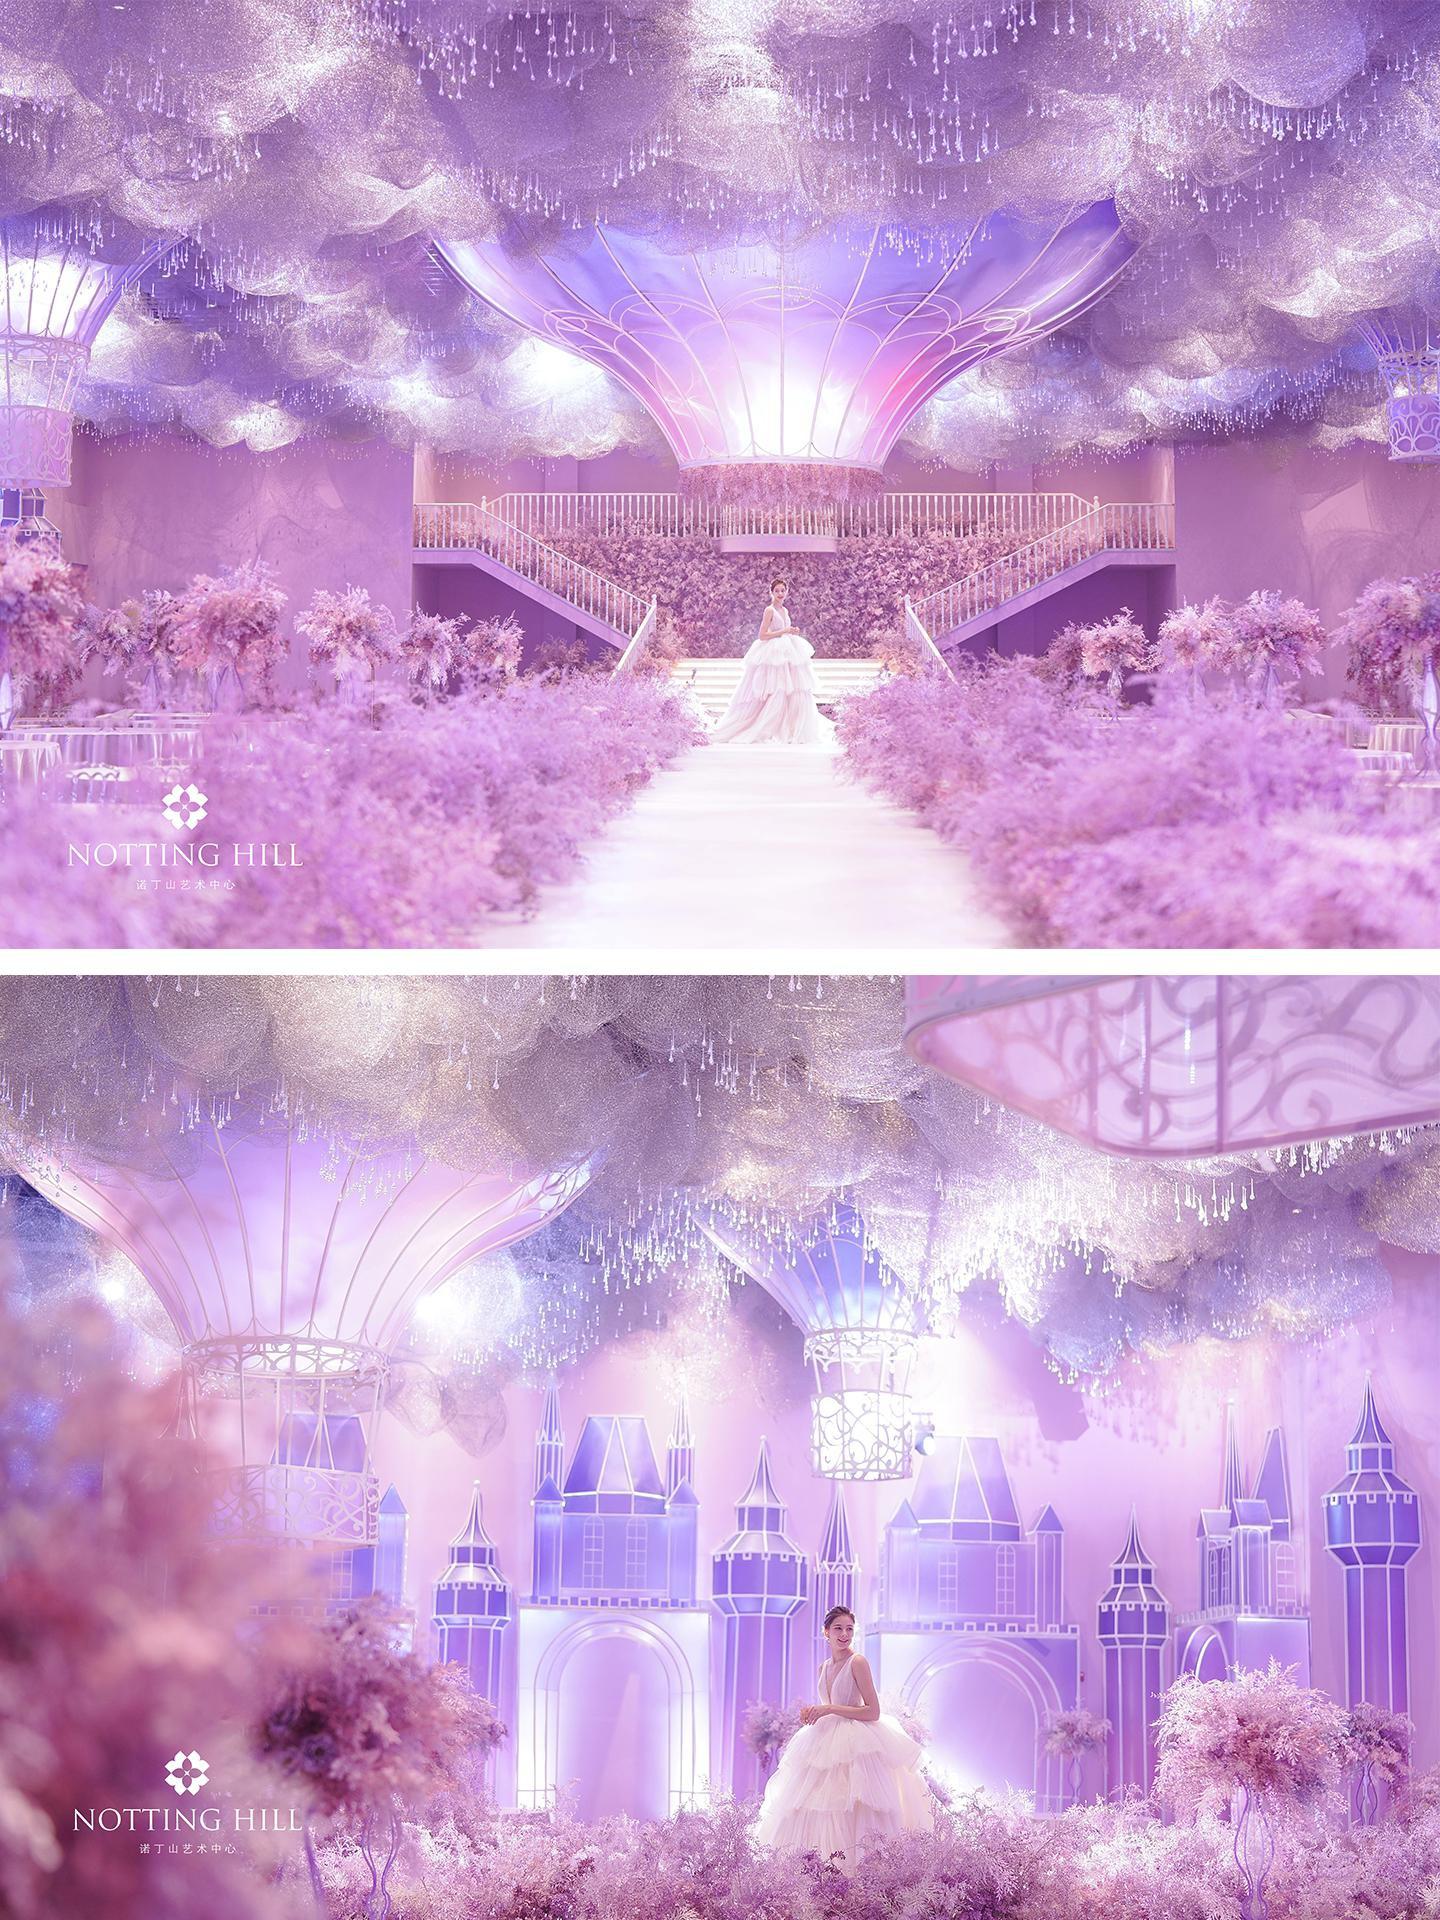 城堡、花海、热气球......童话般的婚礼场景你都能拥有!